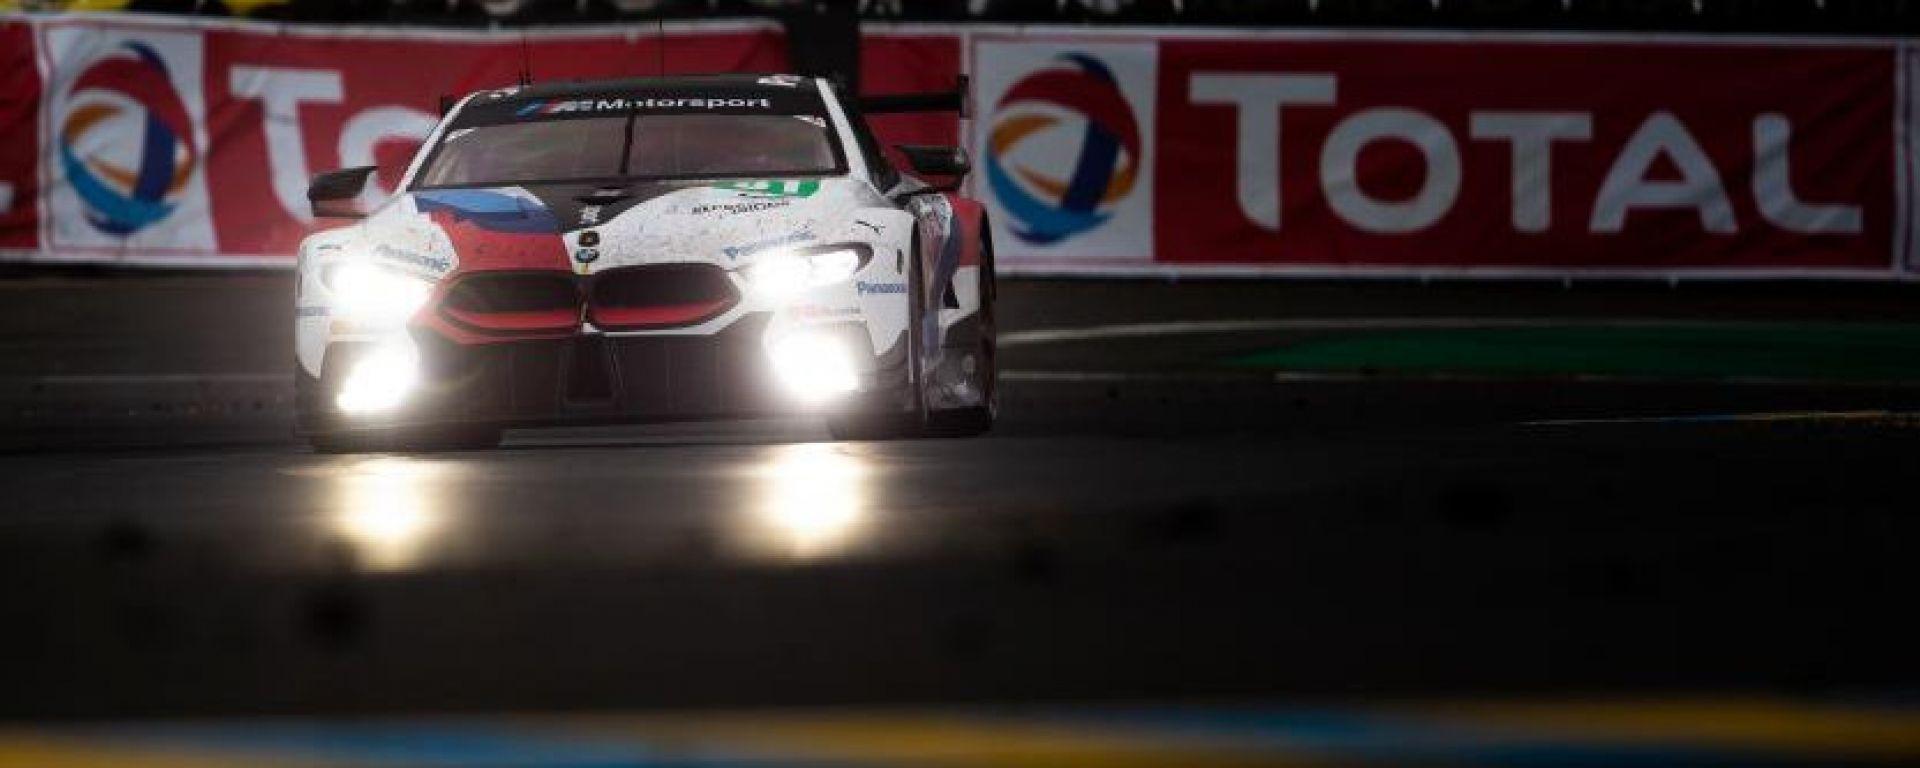 Ultima Le Mans per la M8, Bmw stacca la spina al programma WEC